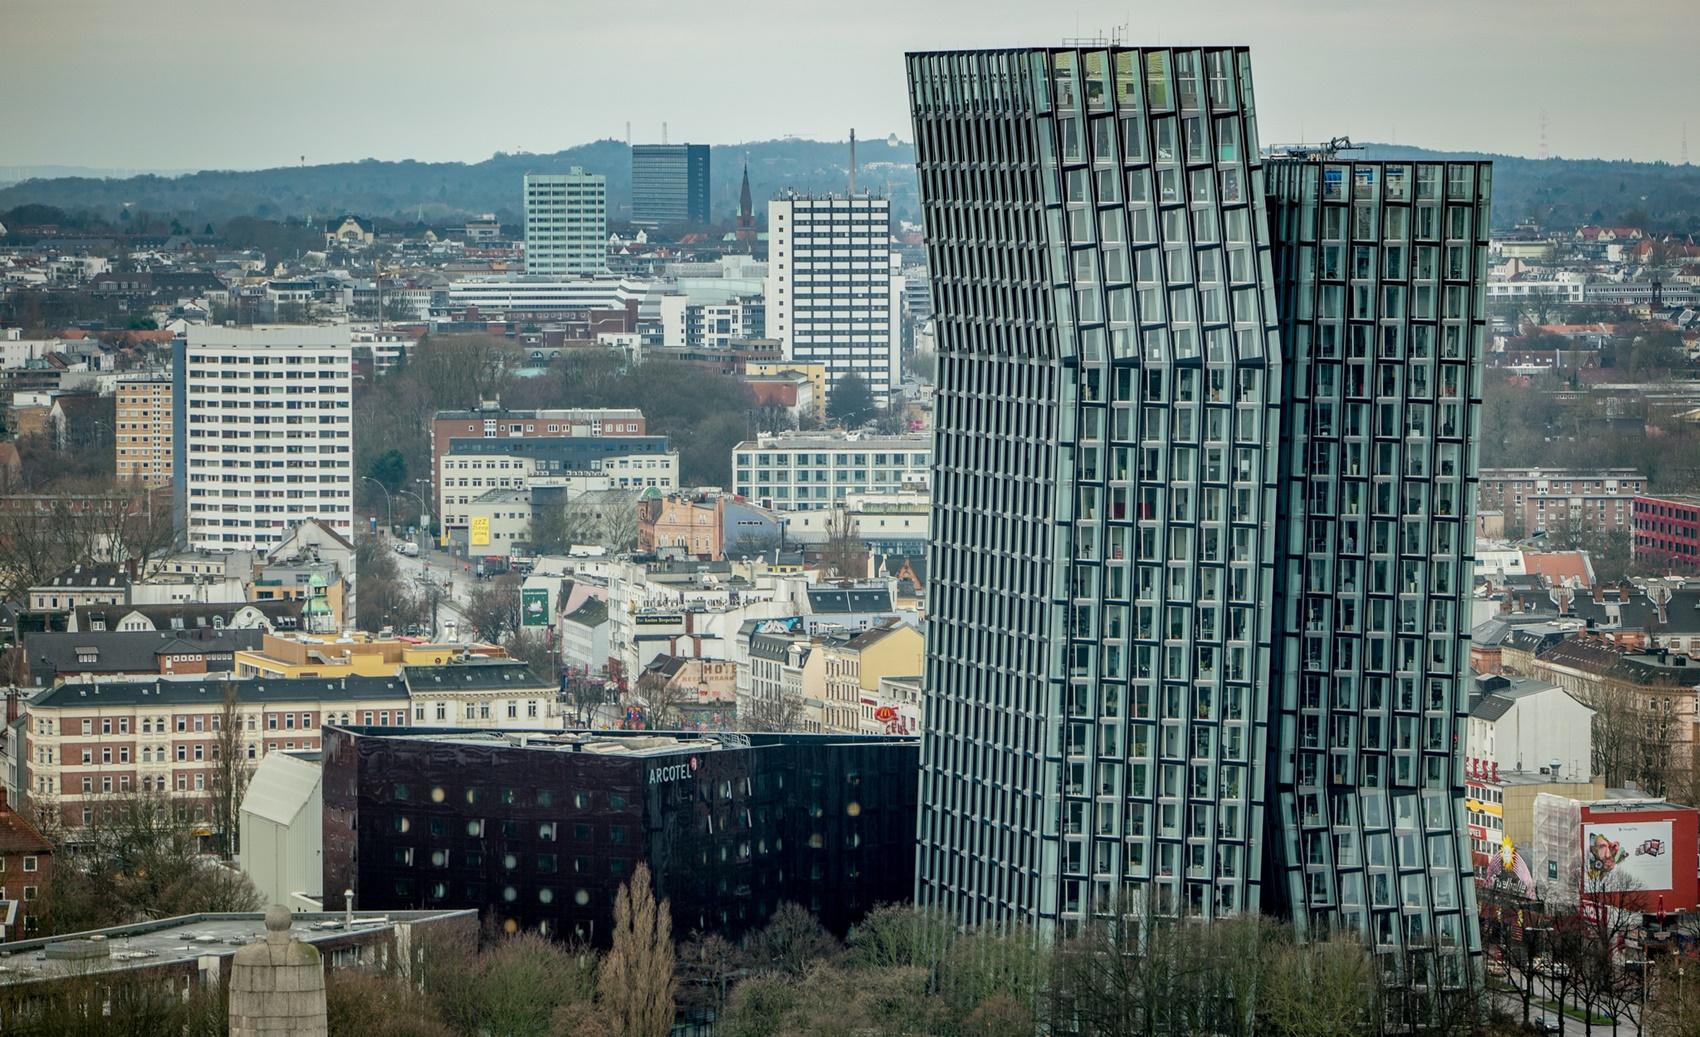 Bild: Alexander Svensson Lizenz: CC BY 2.0